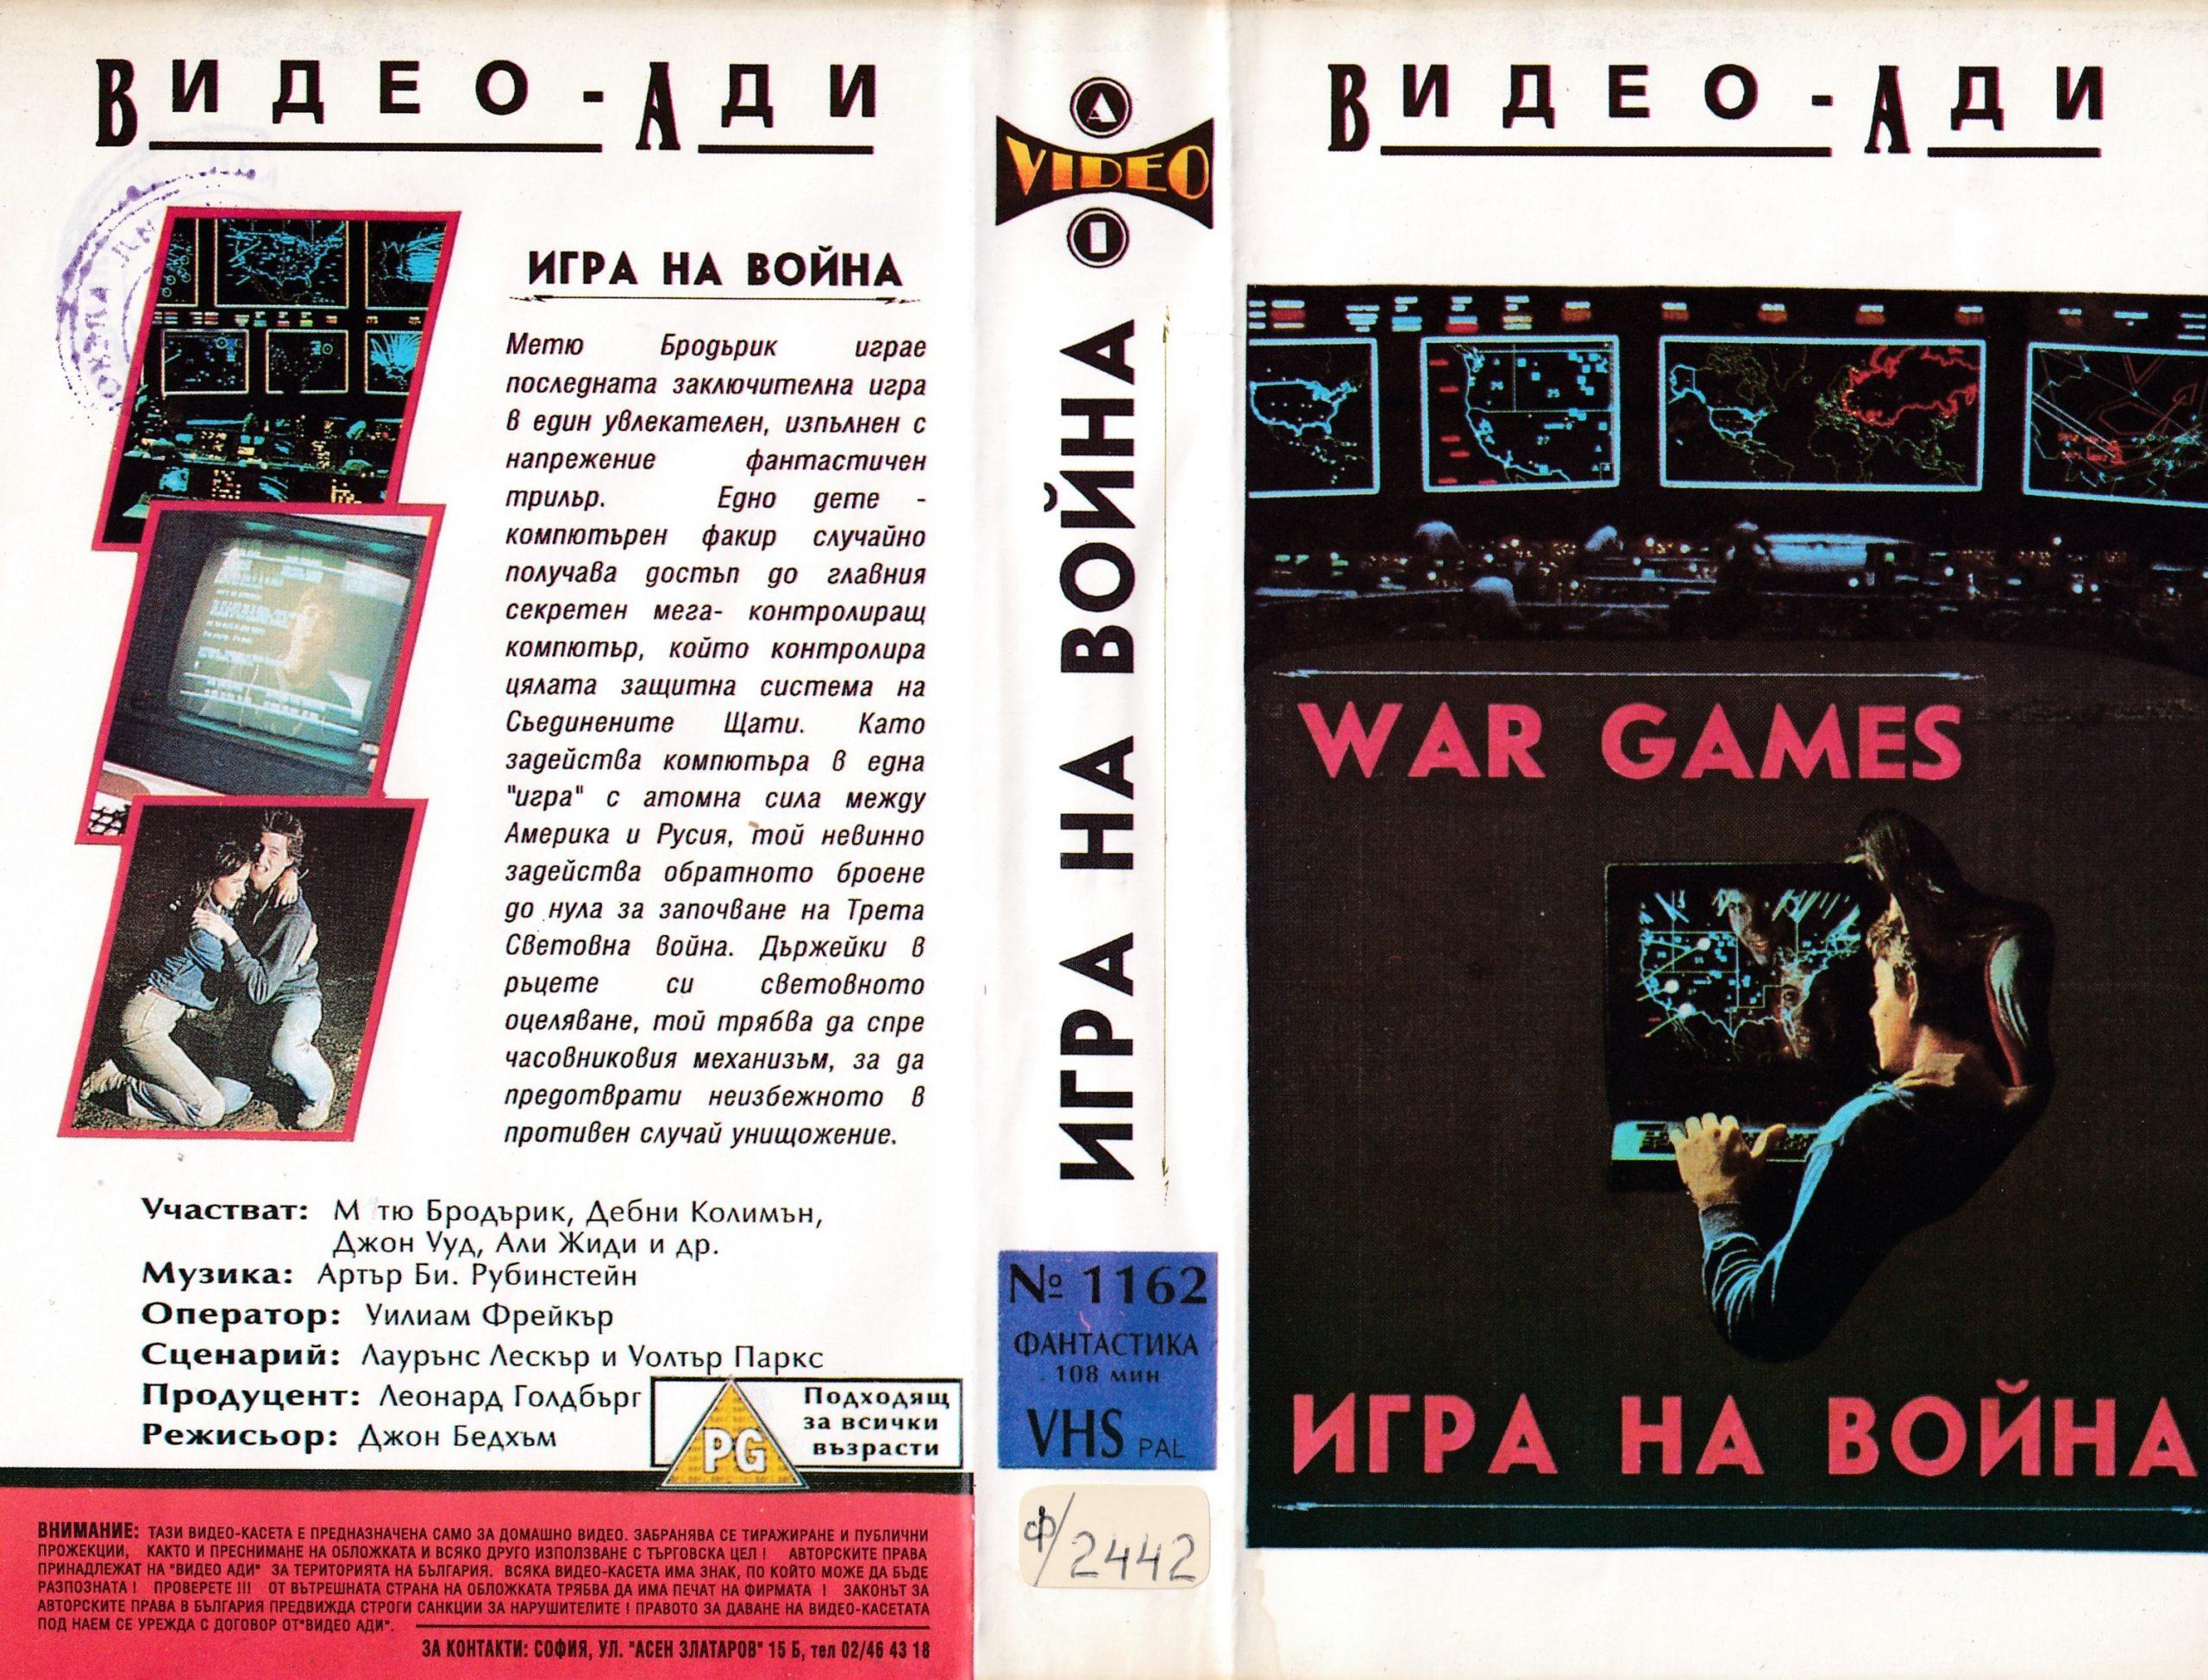 Игра на война